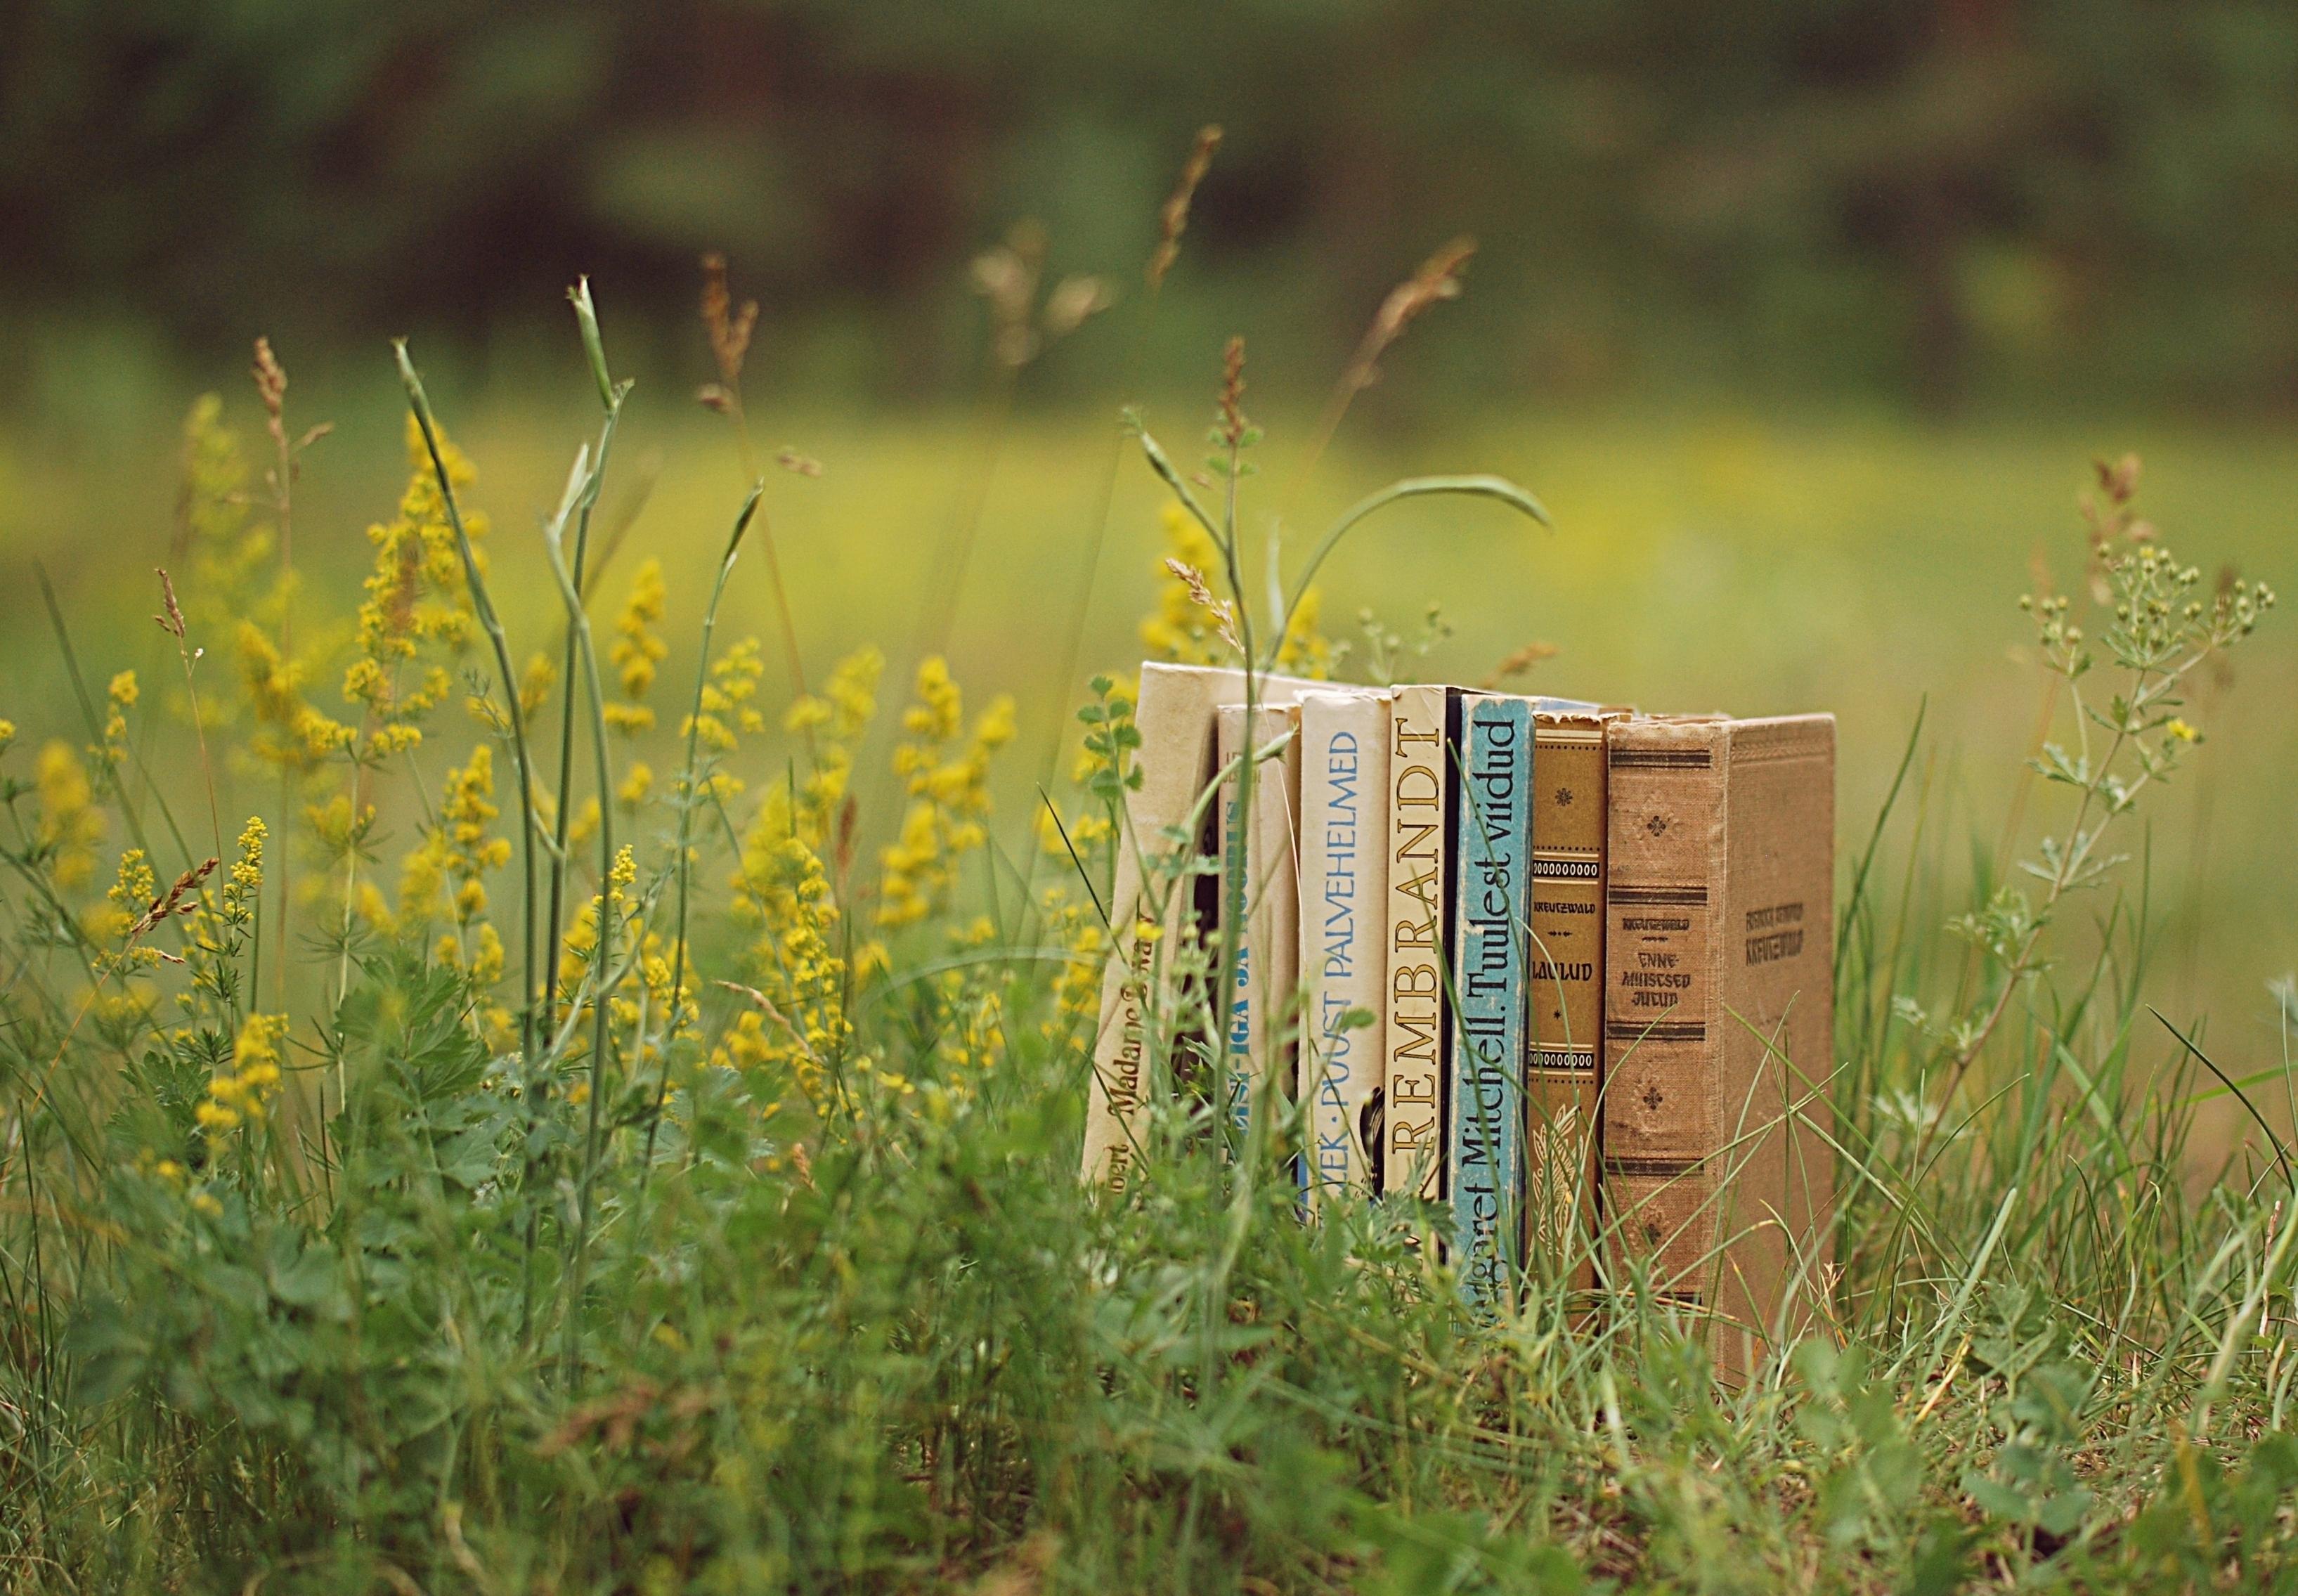 77702 скачать обои Разное, Книги, Трава, Стопка, Настроение - заставки и картинки бесплатно